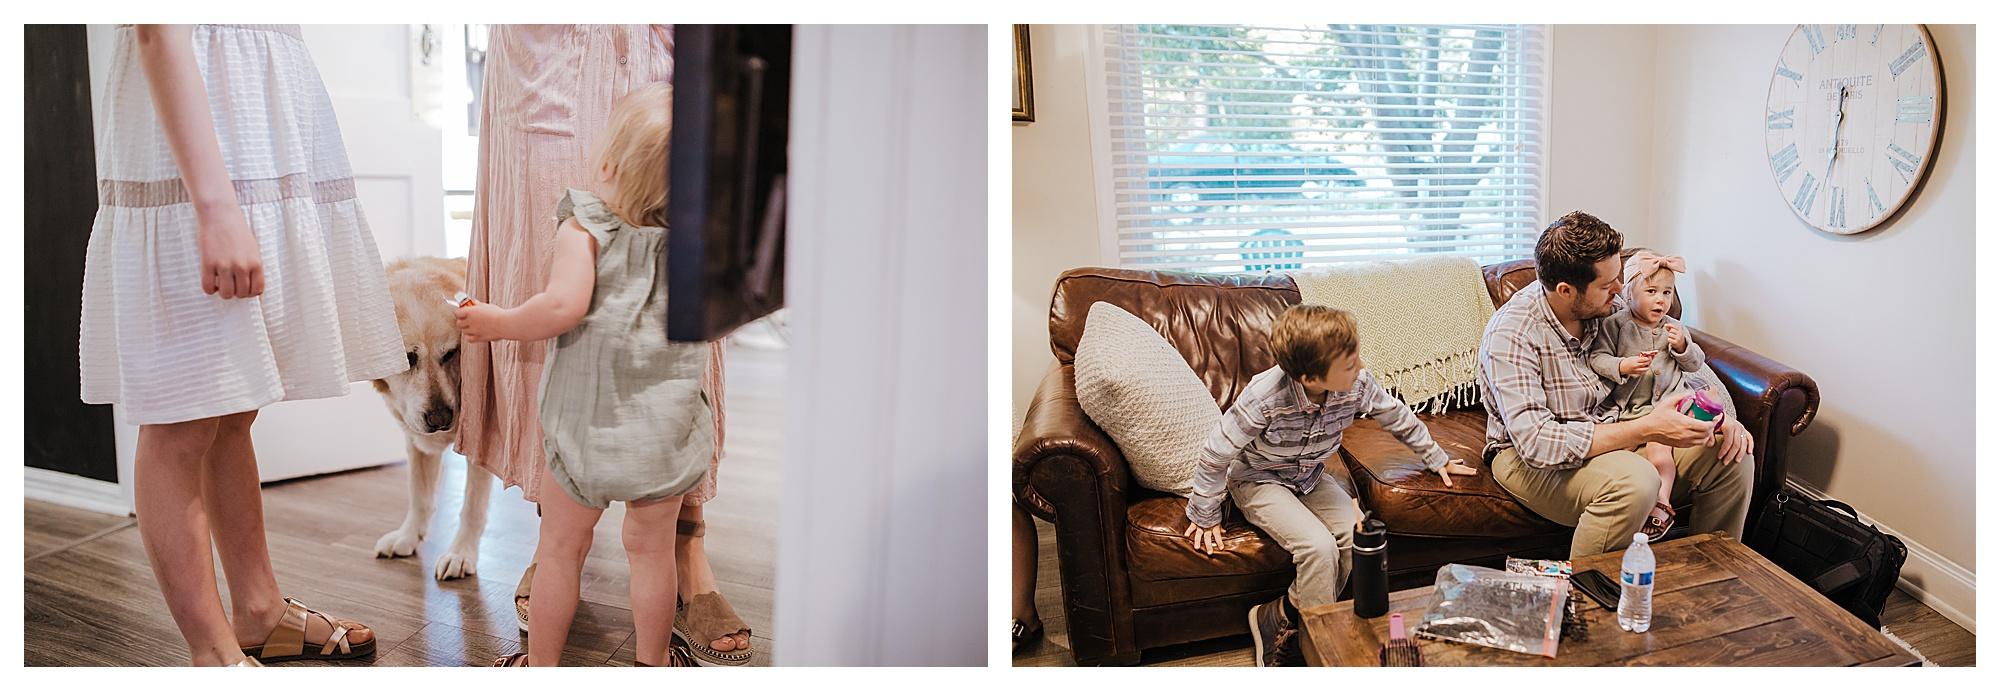 Emily Lapish Photo + Film documentary adoption photography_0003.jpg